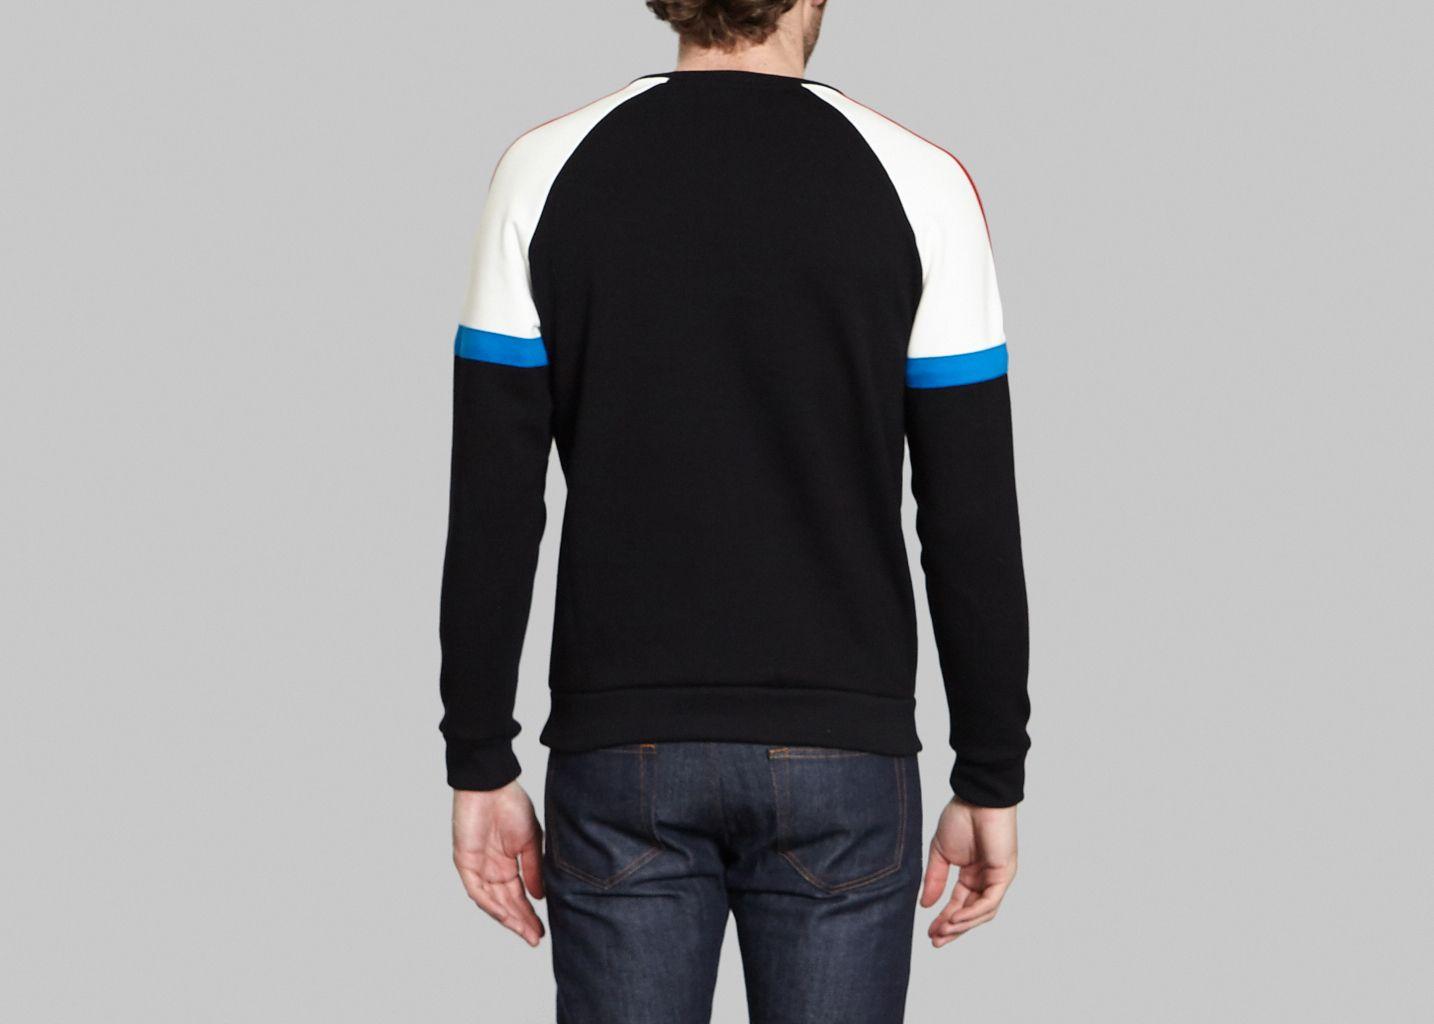 d23ec253ff39 Tricolour Sweatshirt Black Le Coq Sportif